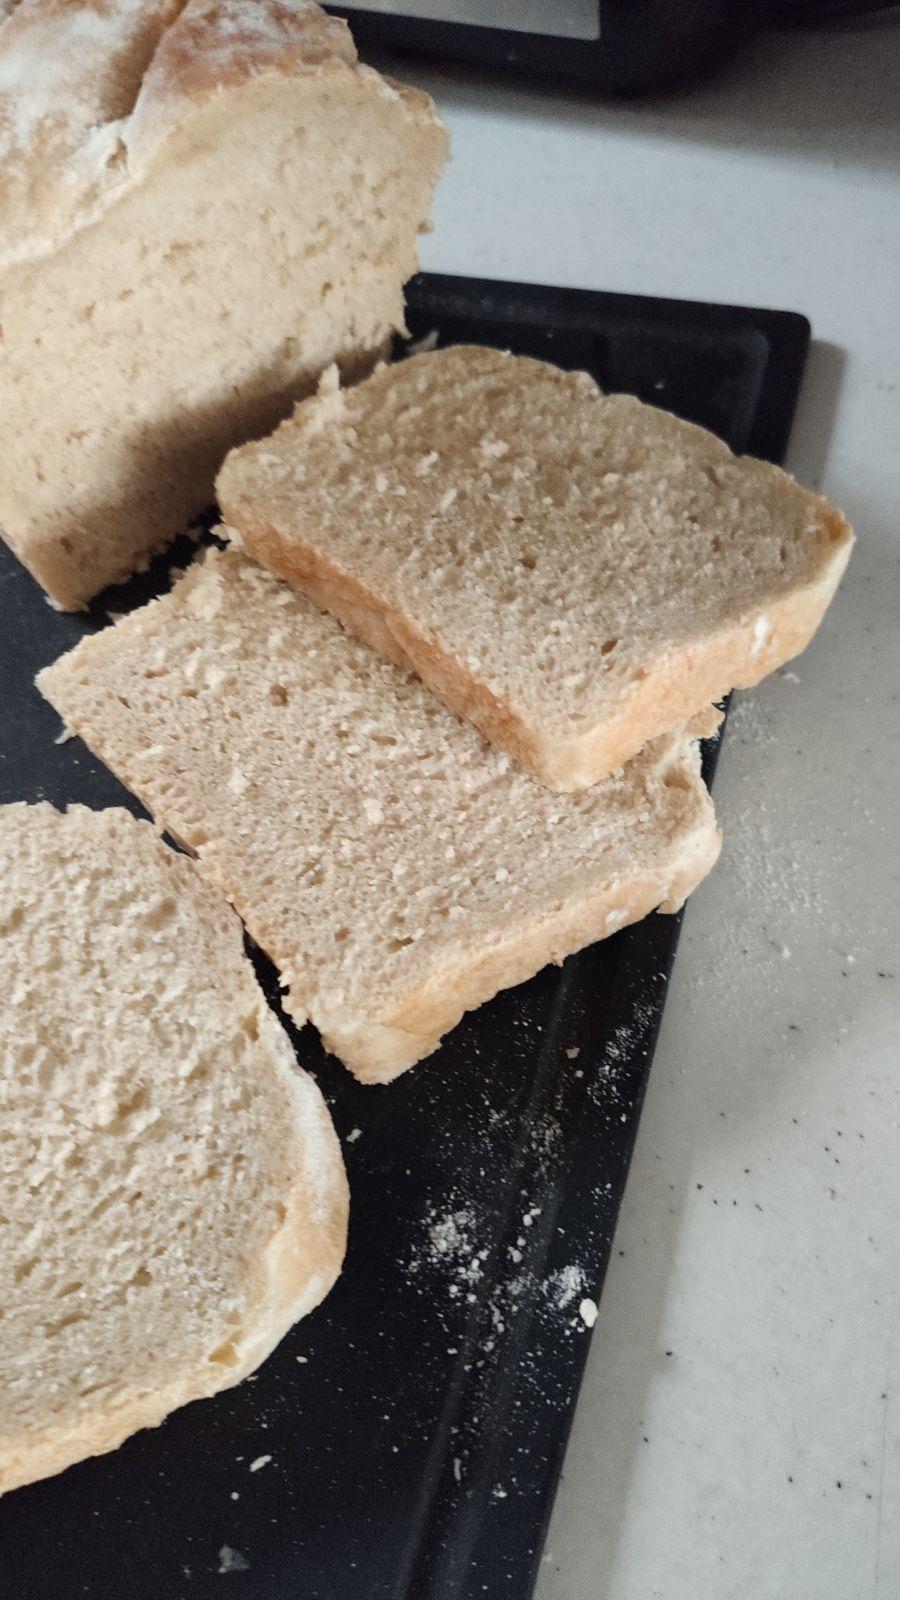 Petits pains cocotte sans gluten campagne et pain blanc au Companion .